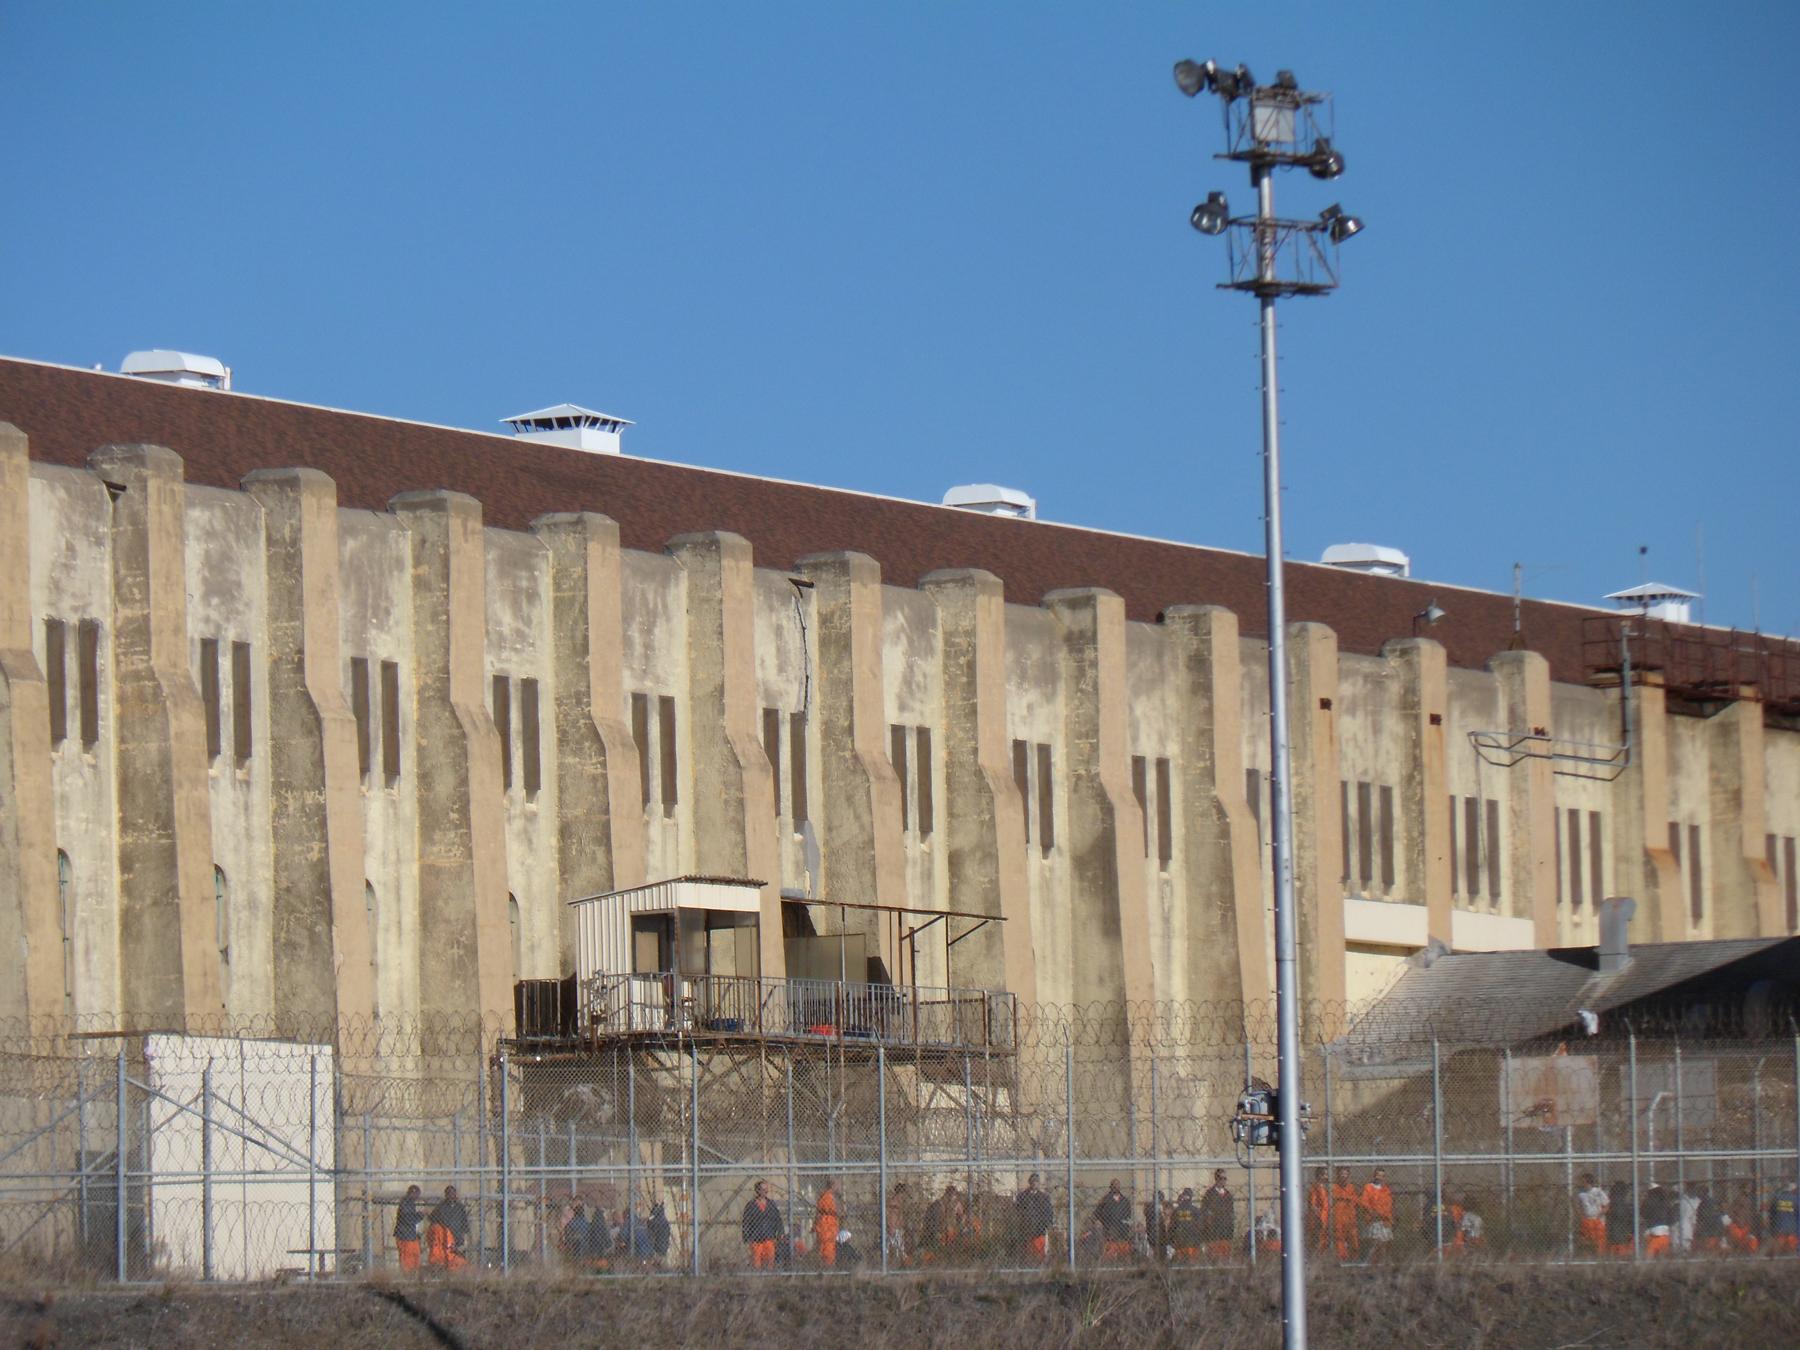 San Quentin M